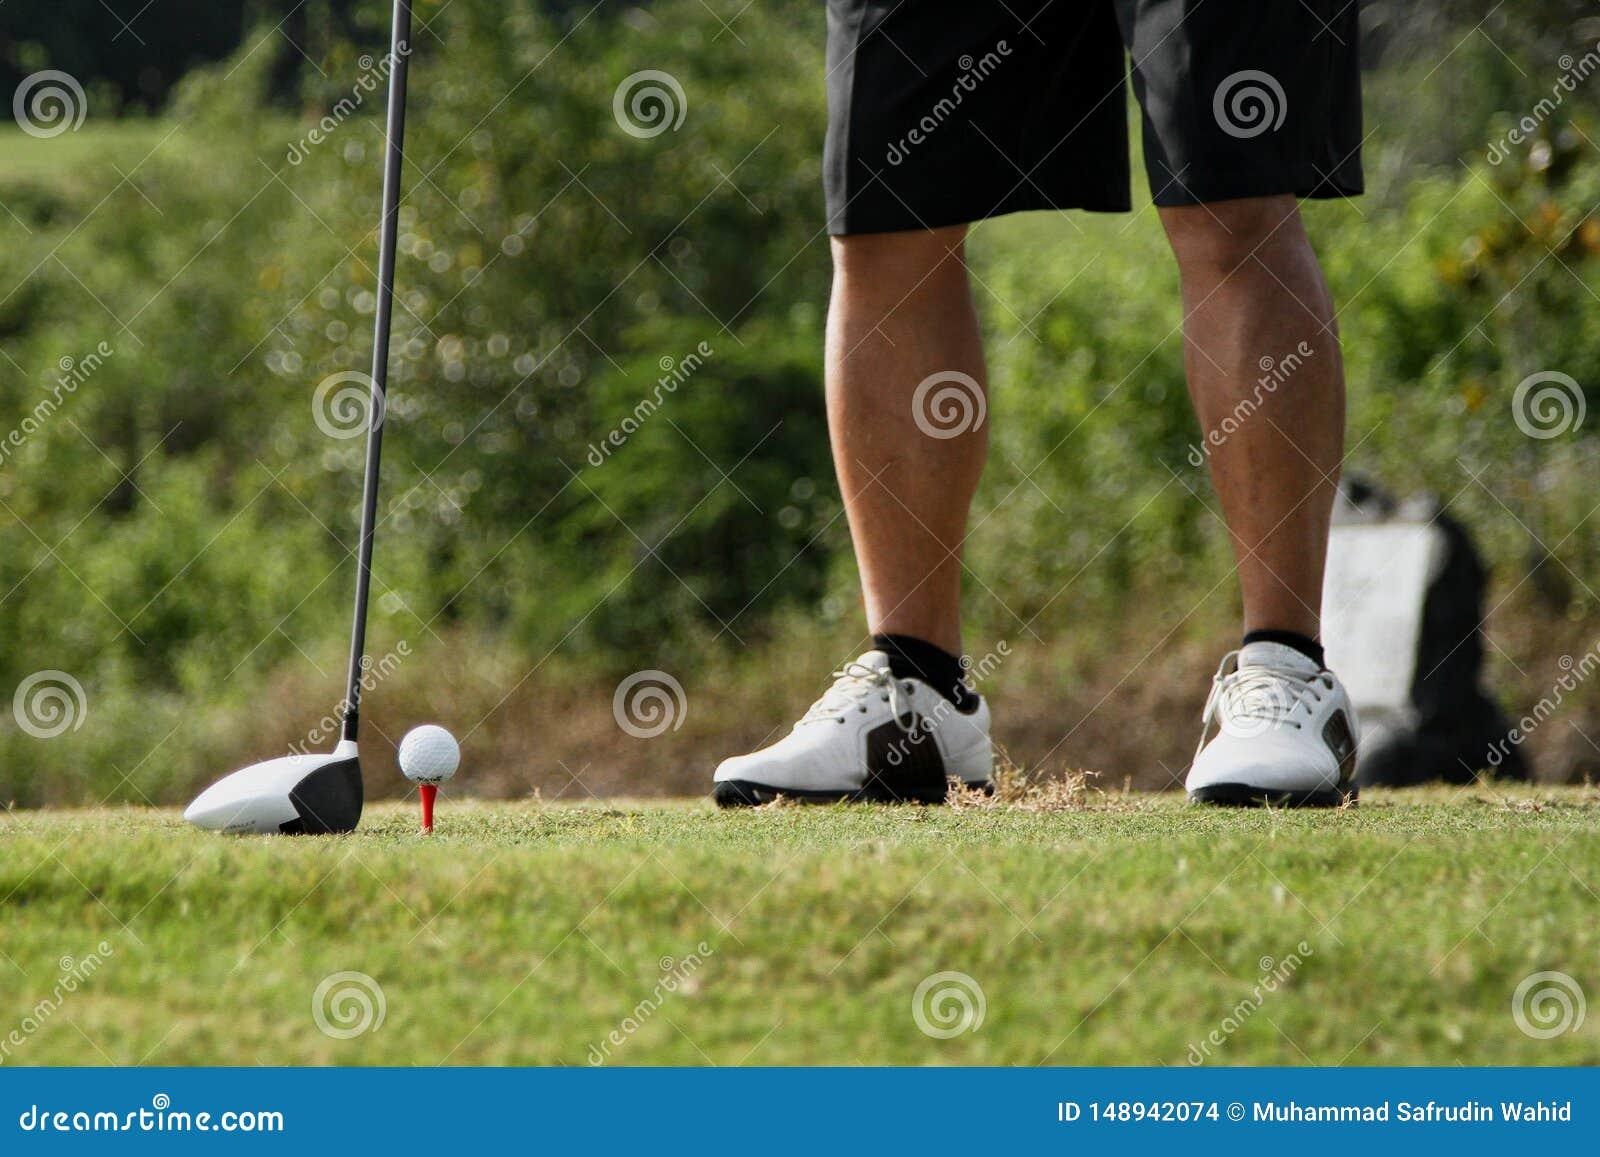 Vue d angle faible de golfeur sur le putting green environ pour prendre le tir